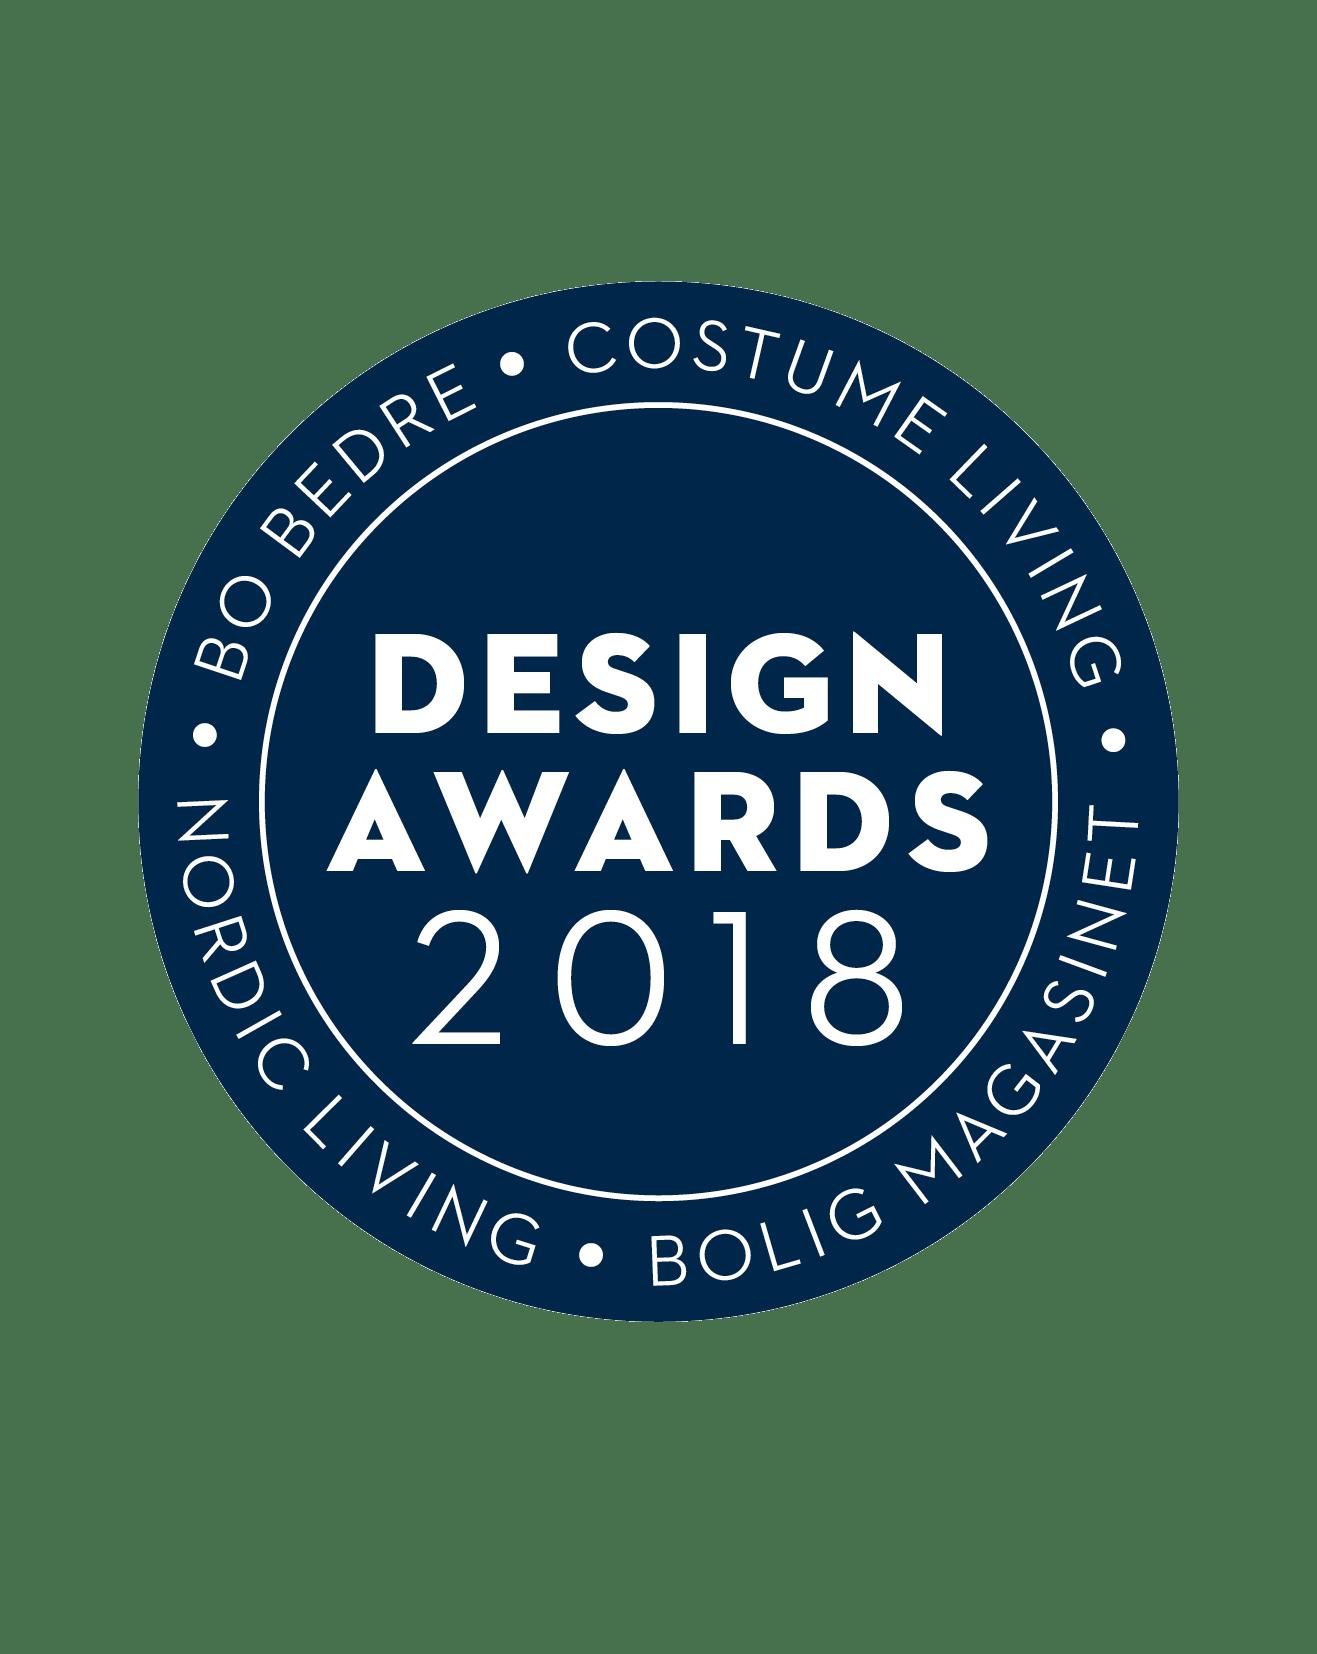 Design Awards 2018 logo i blå